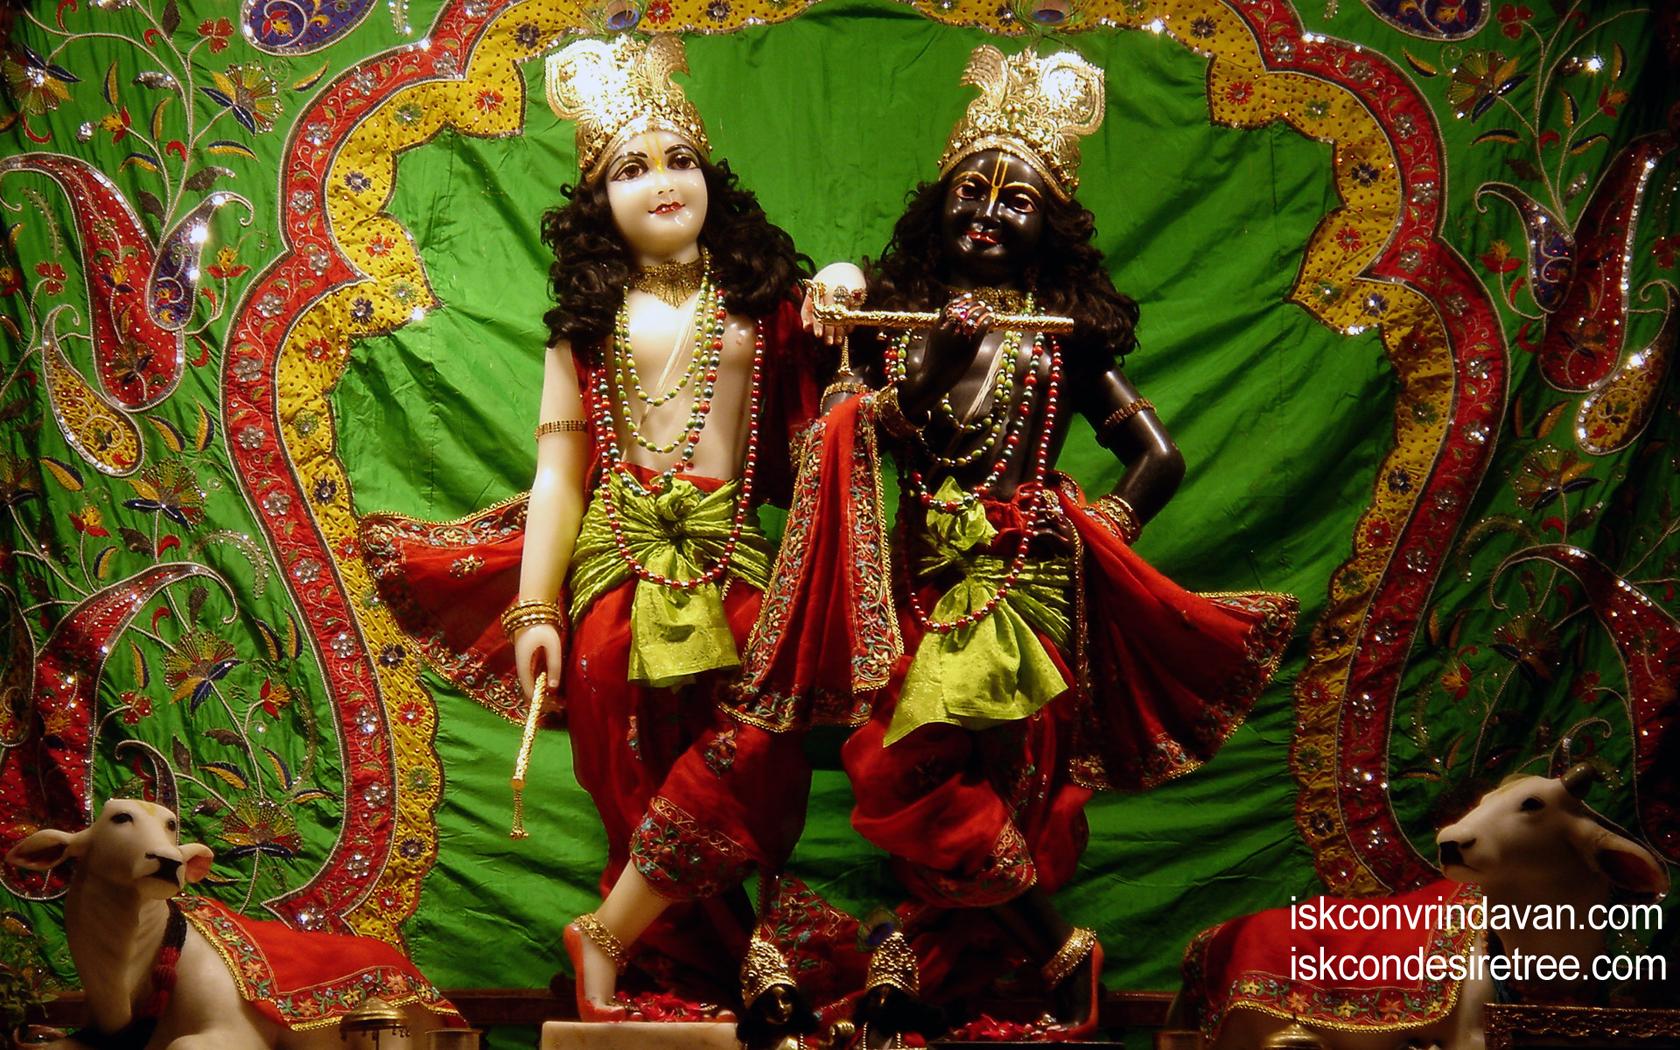 Sri Sri Krishna Balaram Wallpaper (066) Size 1680x1050 Download